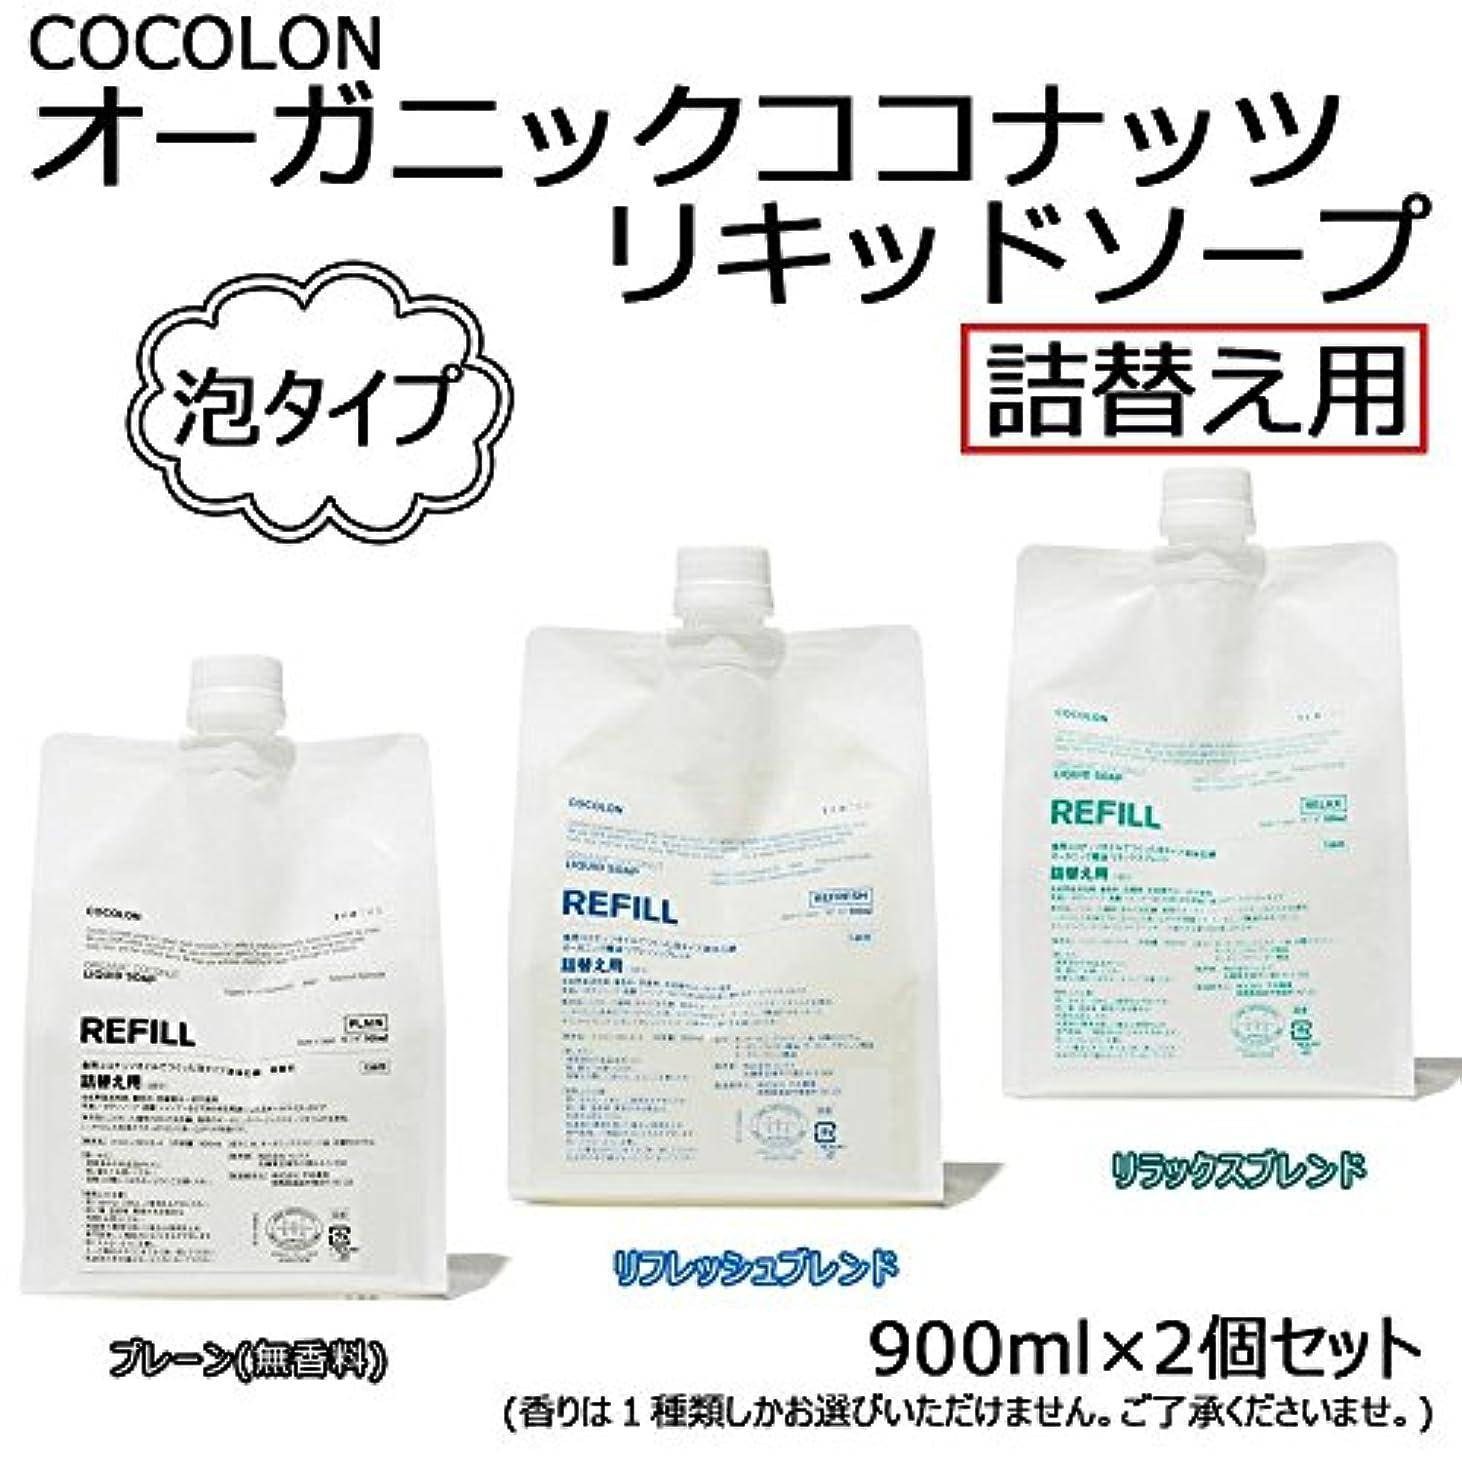 間一目記念日COCOLON ココロン オーガニックココナッツリキッドソープ 泡タイプ 詰替え用 900ml 2個セット【同梱?代引不可】 ■3種類の内「リフレッシュブレンド」のみです